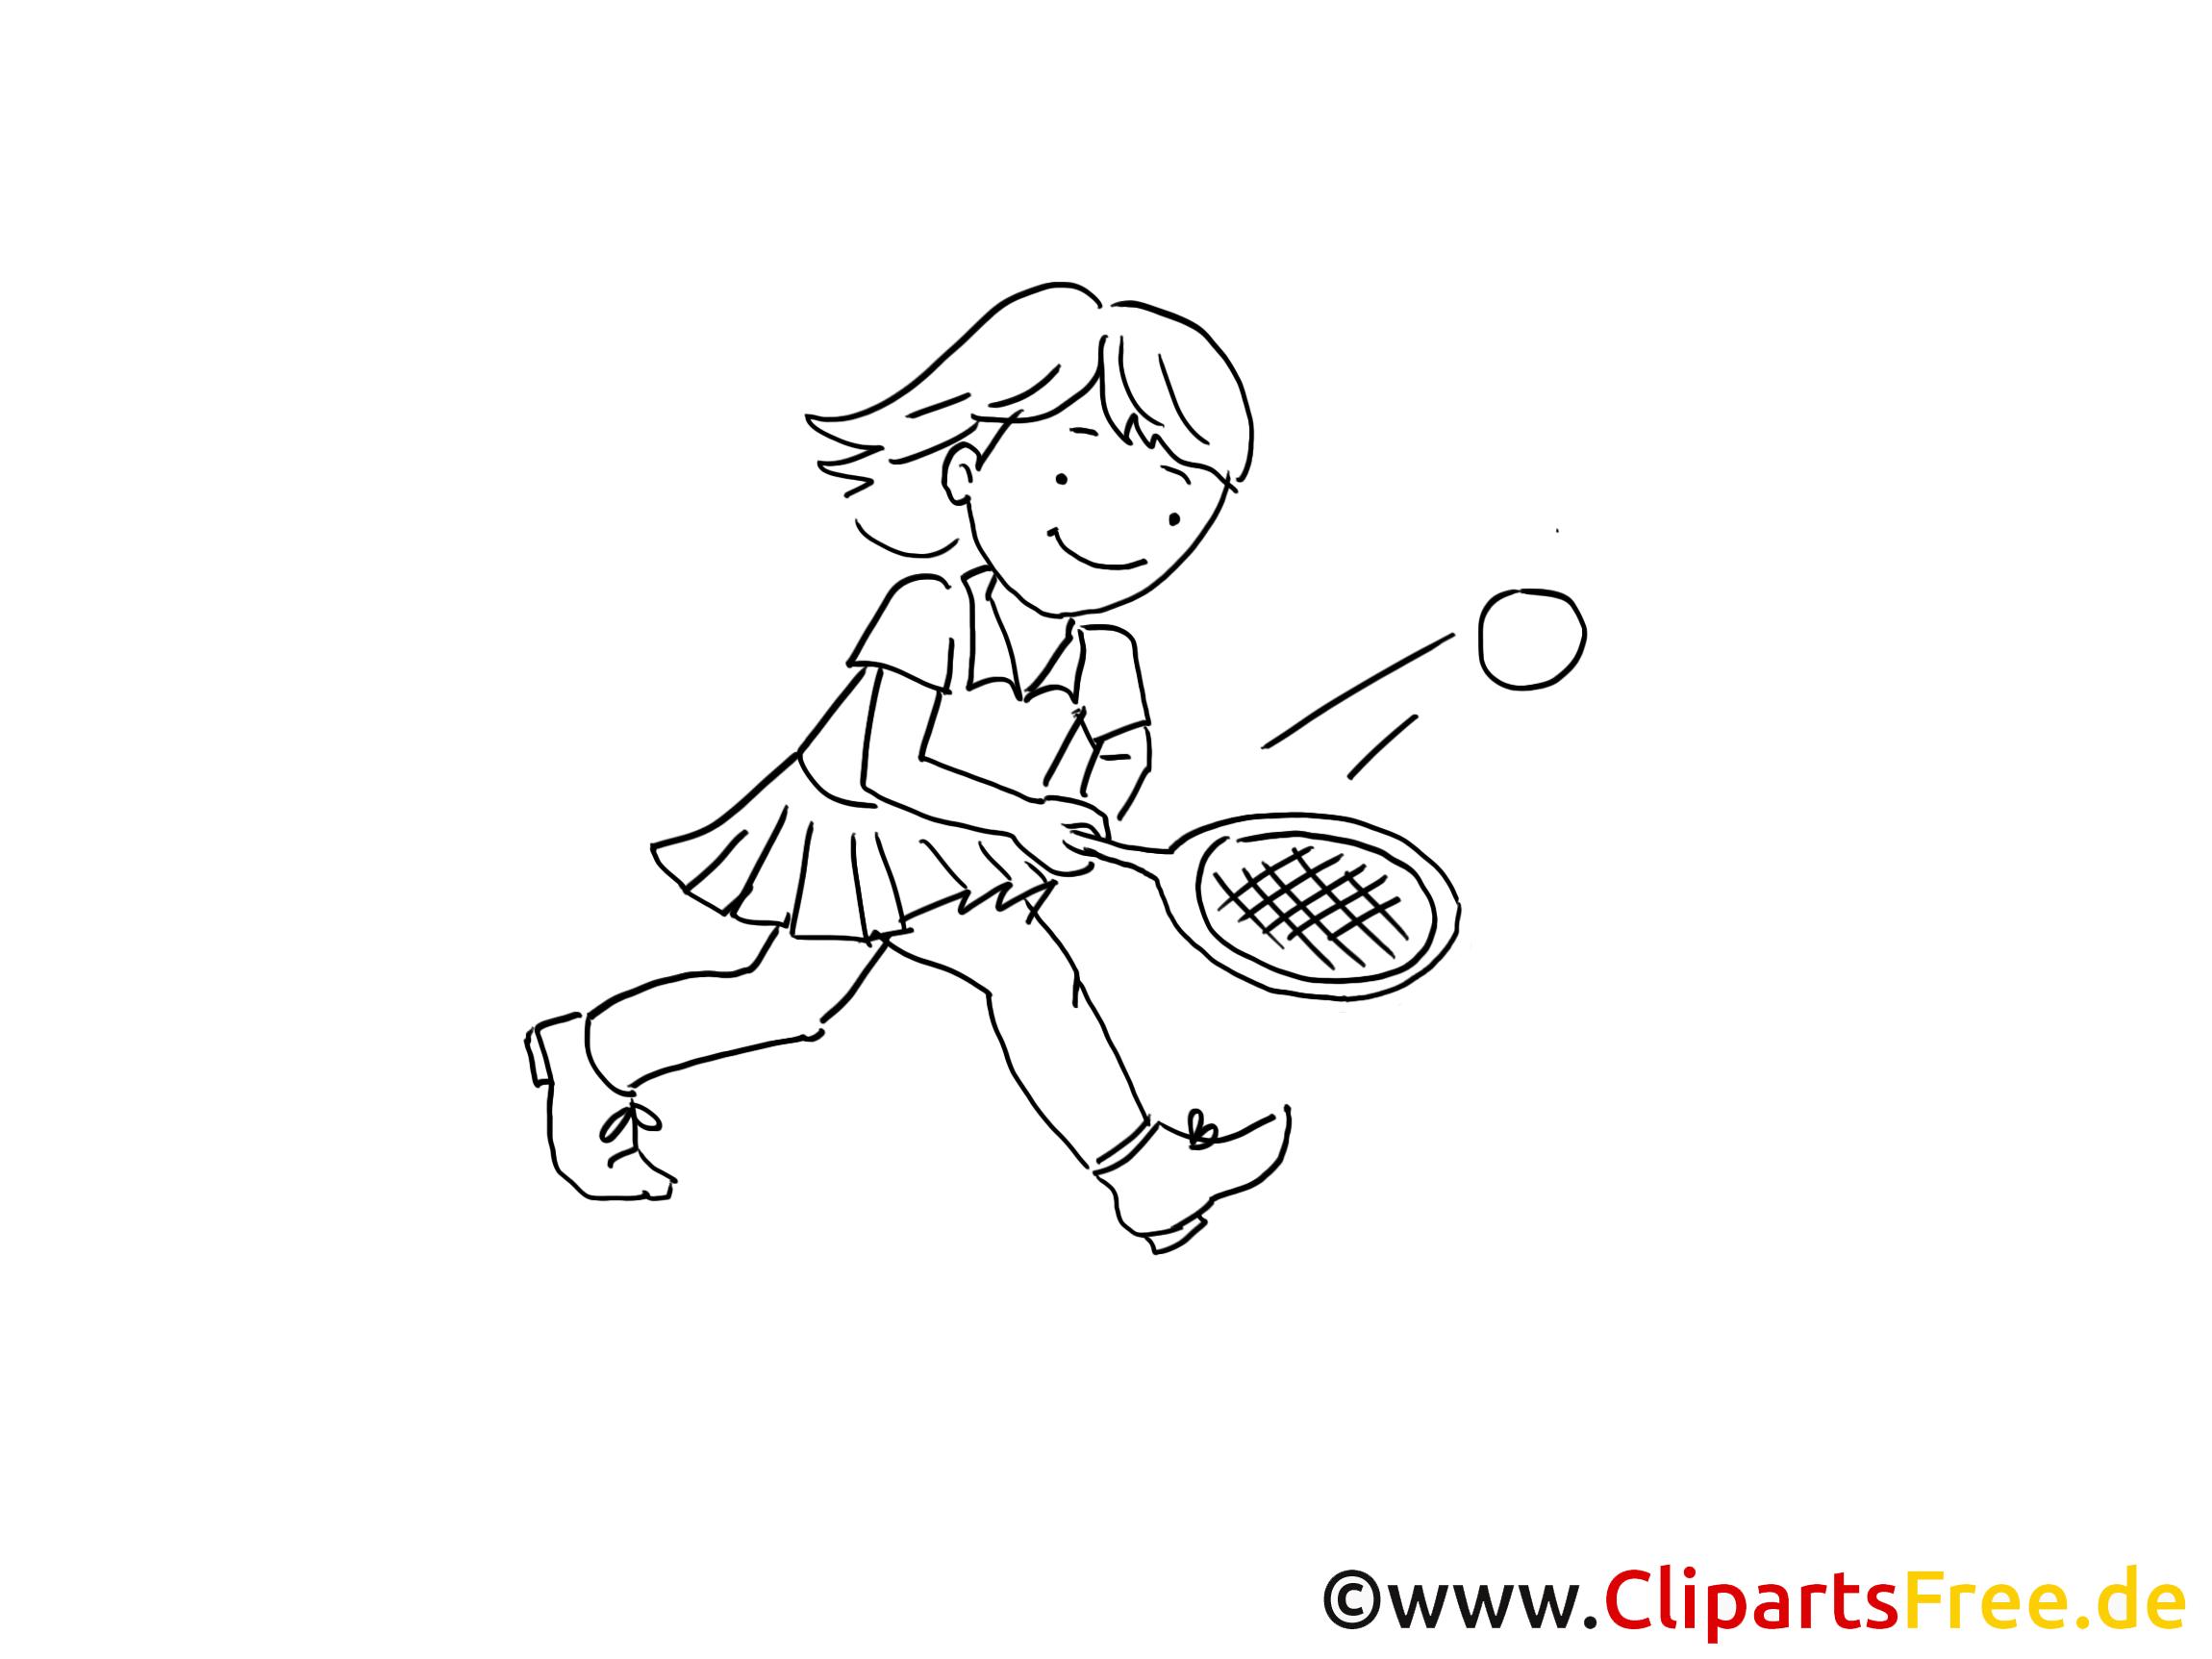 Tennis voor kinderen tekenen van zwart en wit, afbeelding, clipart, tekenfilm, tekenfilm voor tekenen